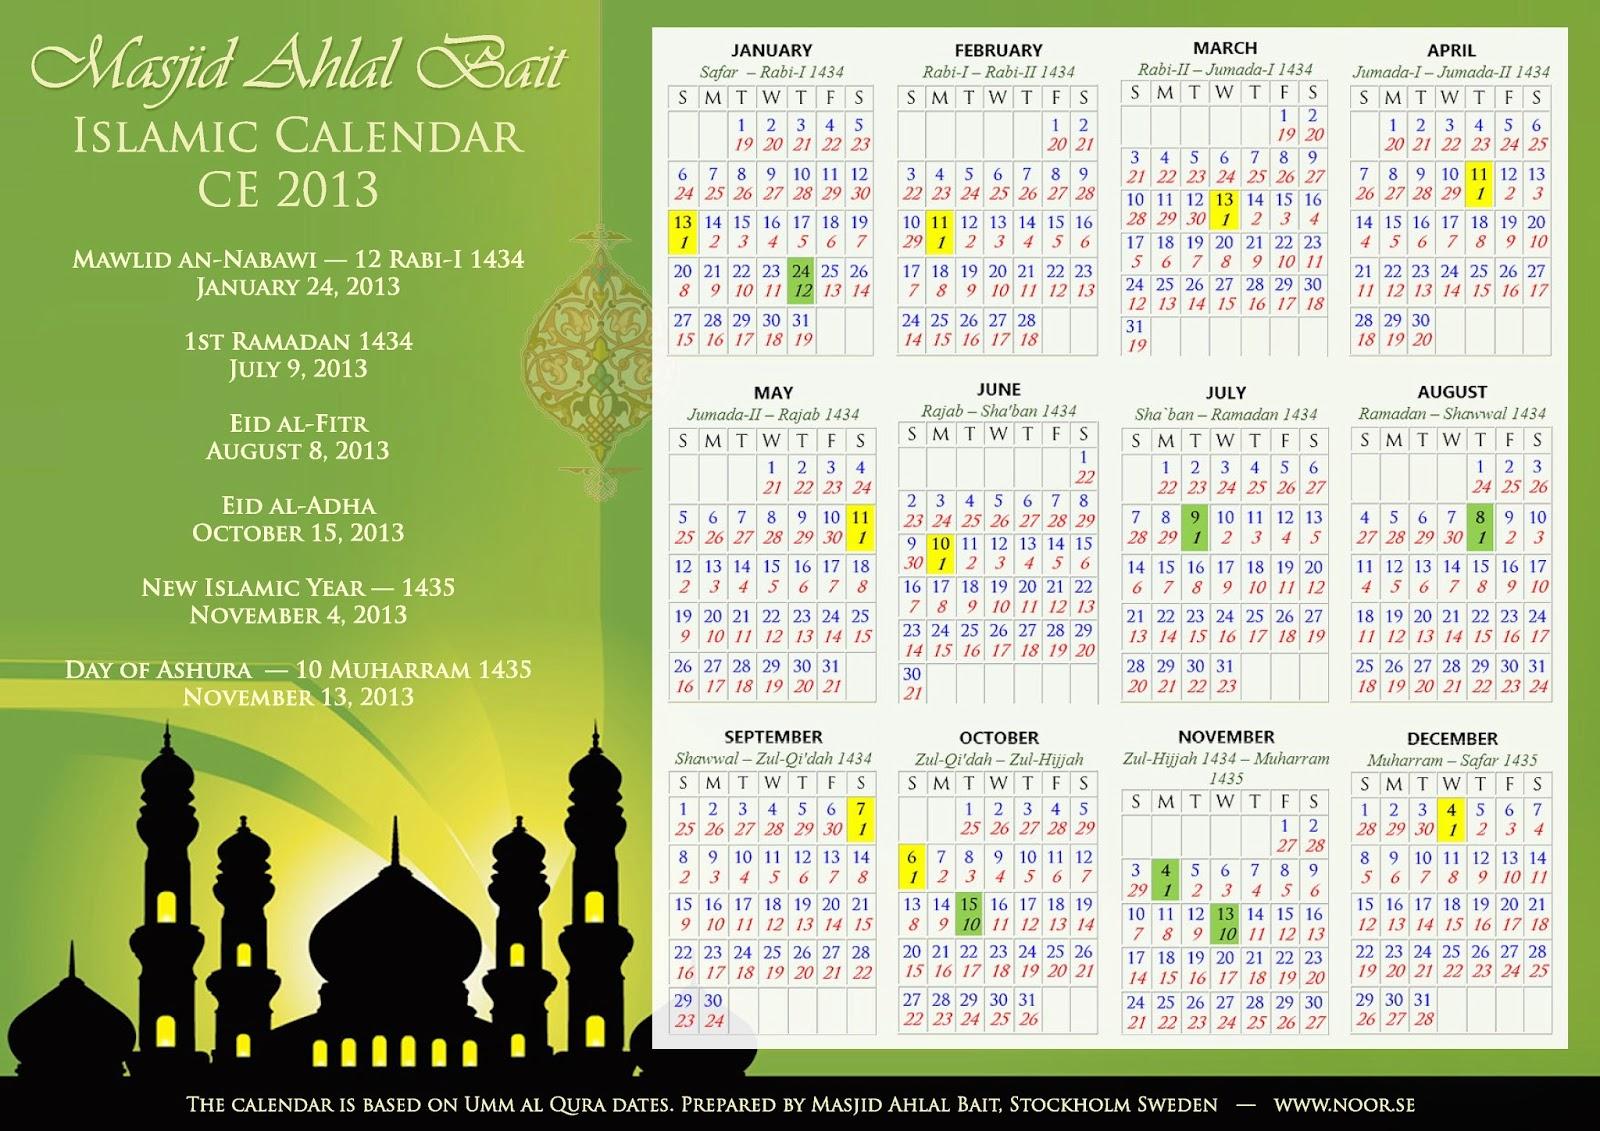 http://1.bp.blogspot.com/-DbO0NXRoXtw/UZTjGD5Il2I/AAAAAAAAGBM/SPlRqxS2kIQ/s1600/islamic+Celender+2013.png